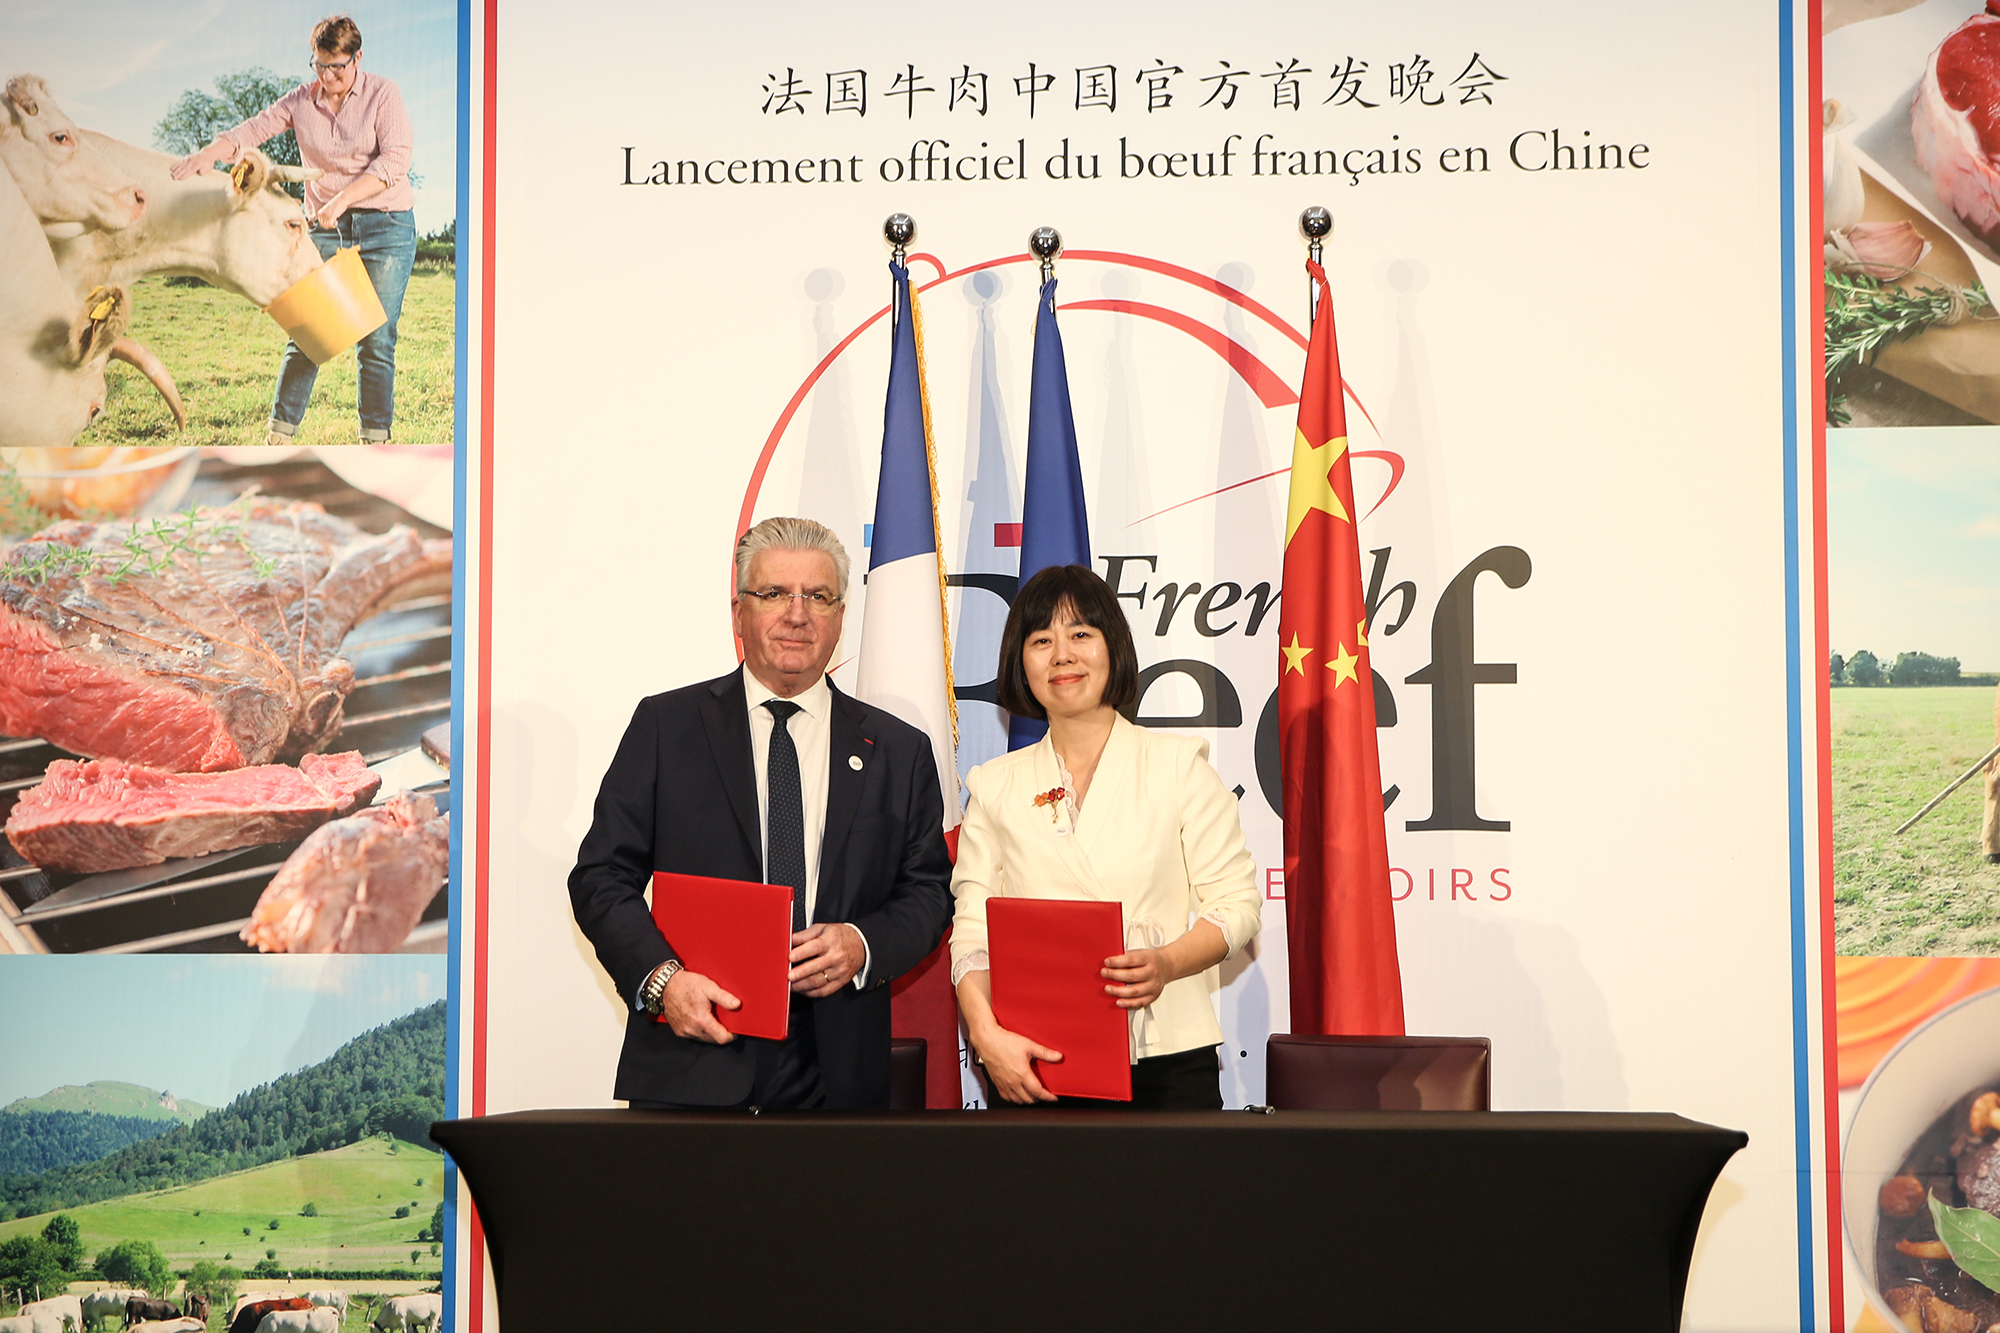 鲜嫩多汁的法国牛肉中国市场首发